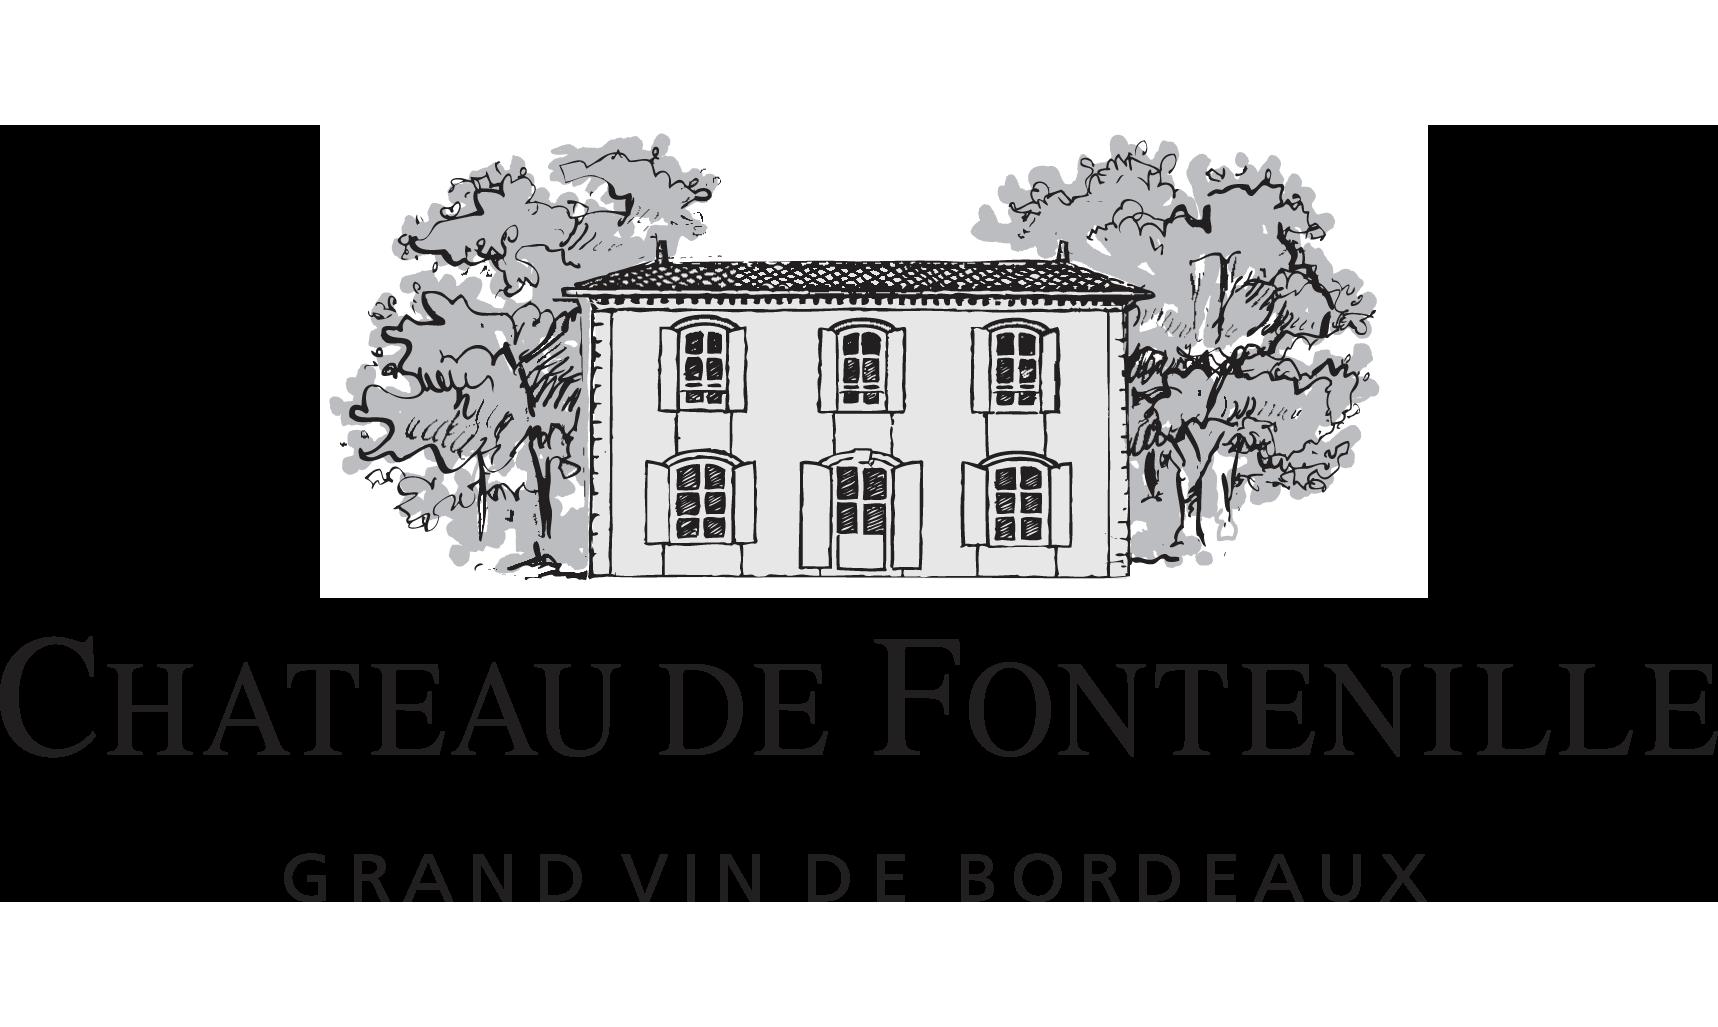 Château de Fontenille